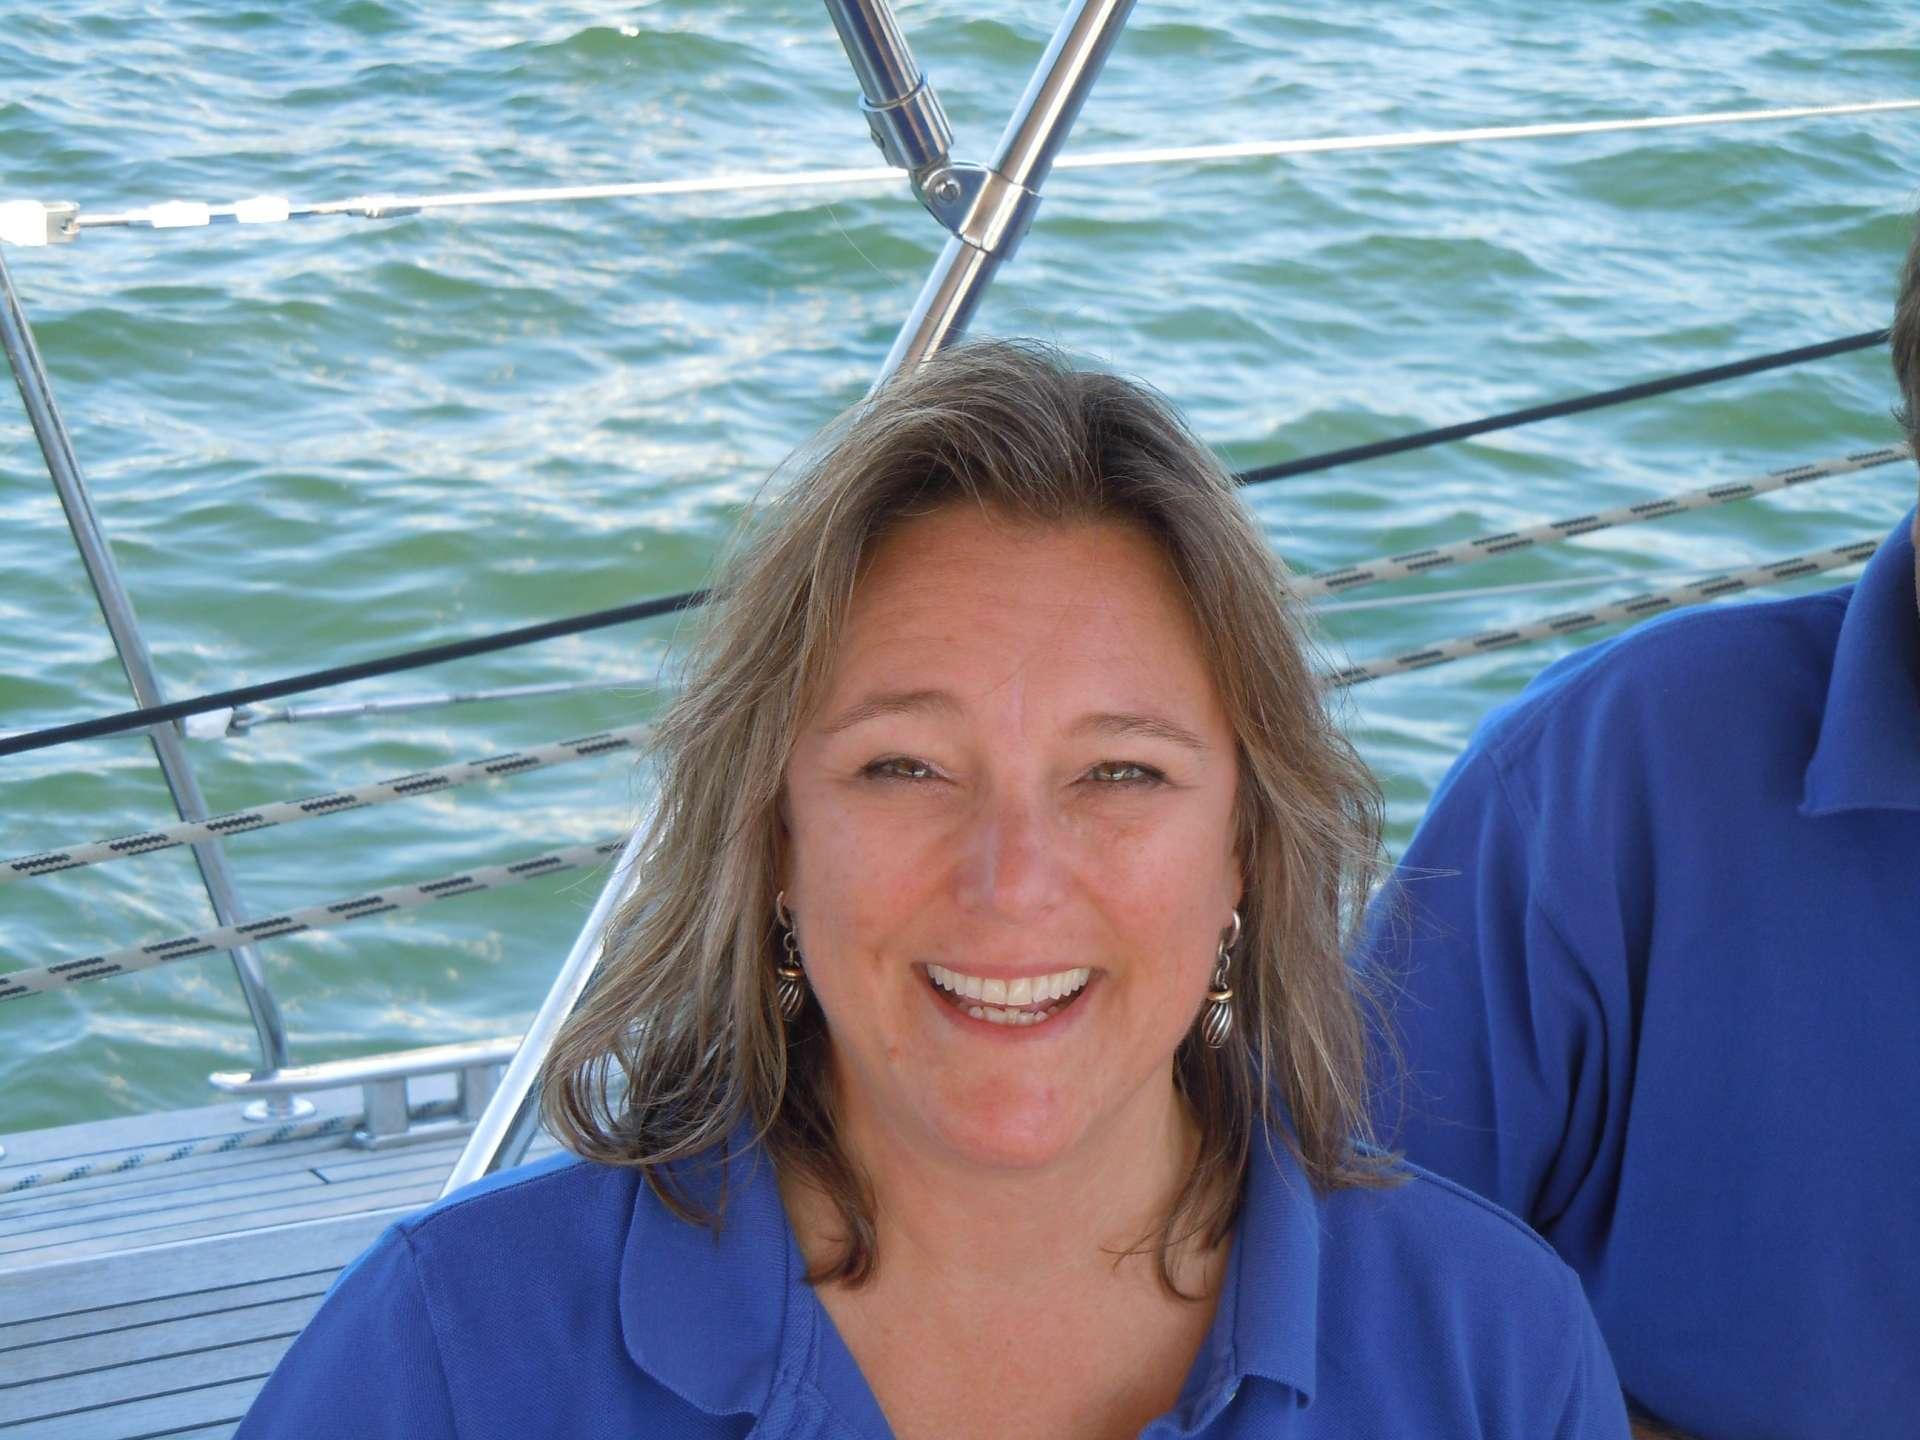 Dina Hickman Mate/US Captain/Stew